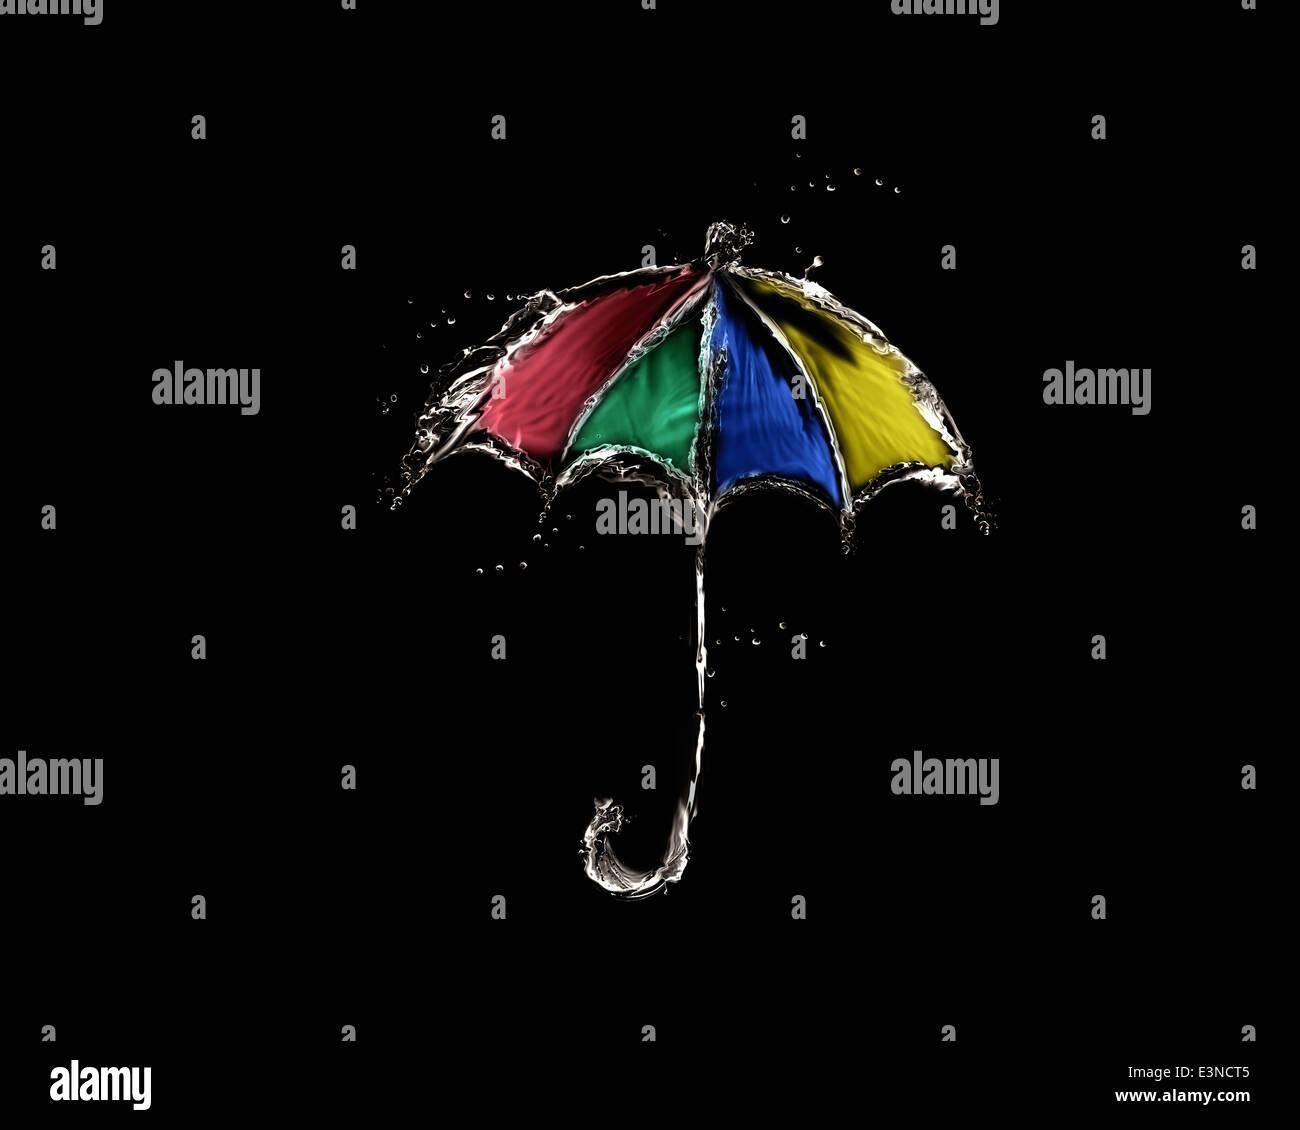 Un ombrello colorato fatto di acqua su nero. Immagini Stock